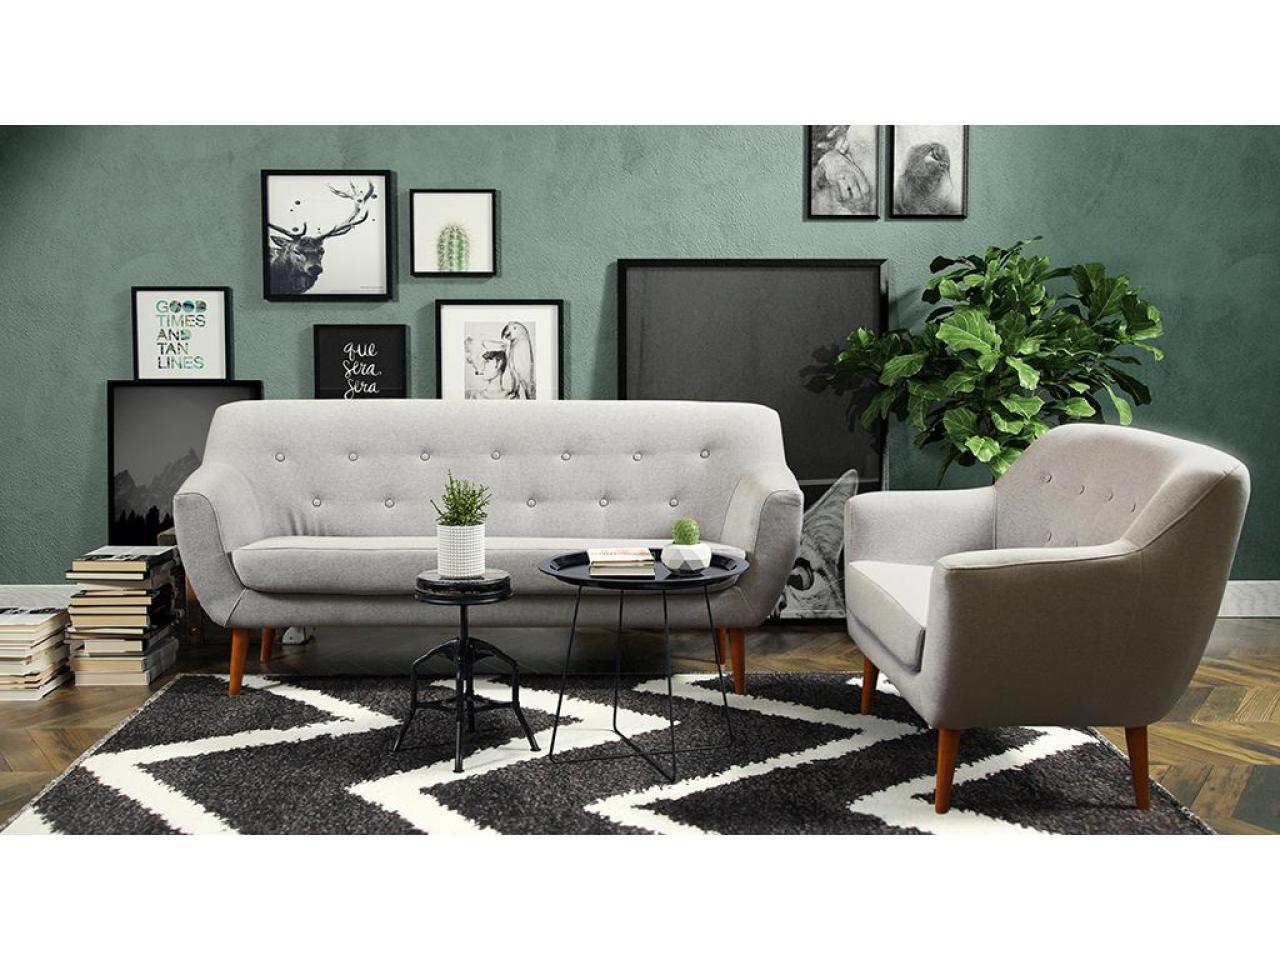 Furnipol-Польская мебель для дома - 7